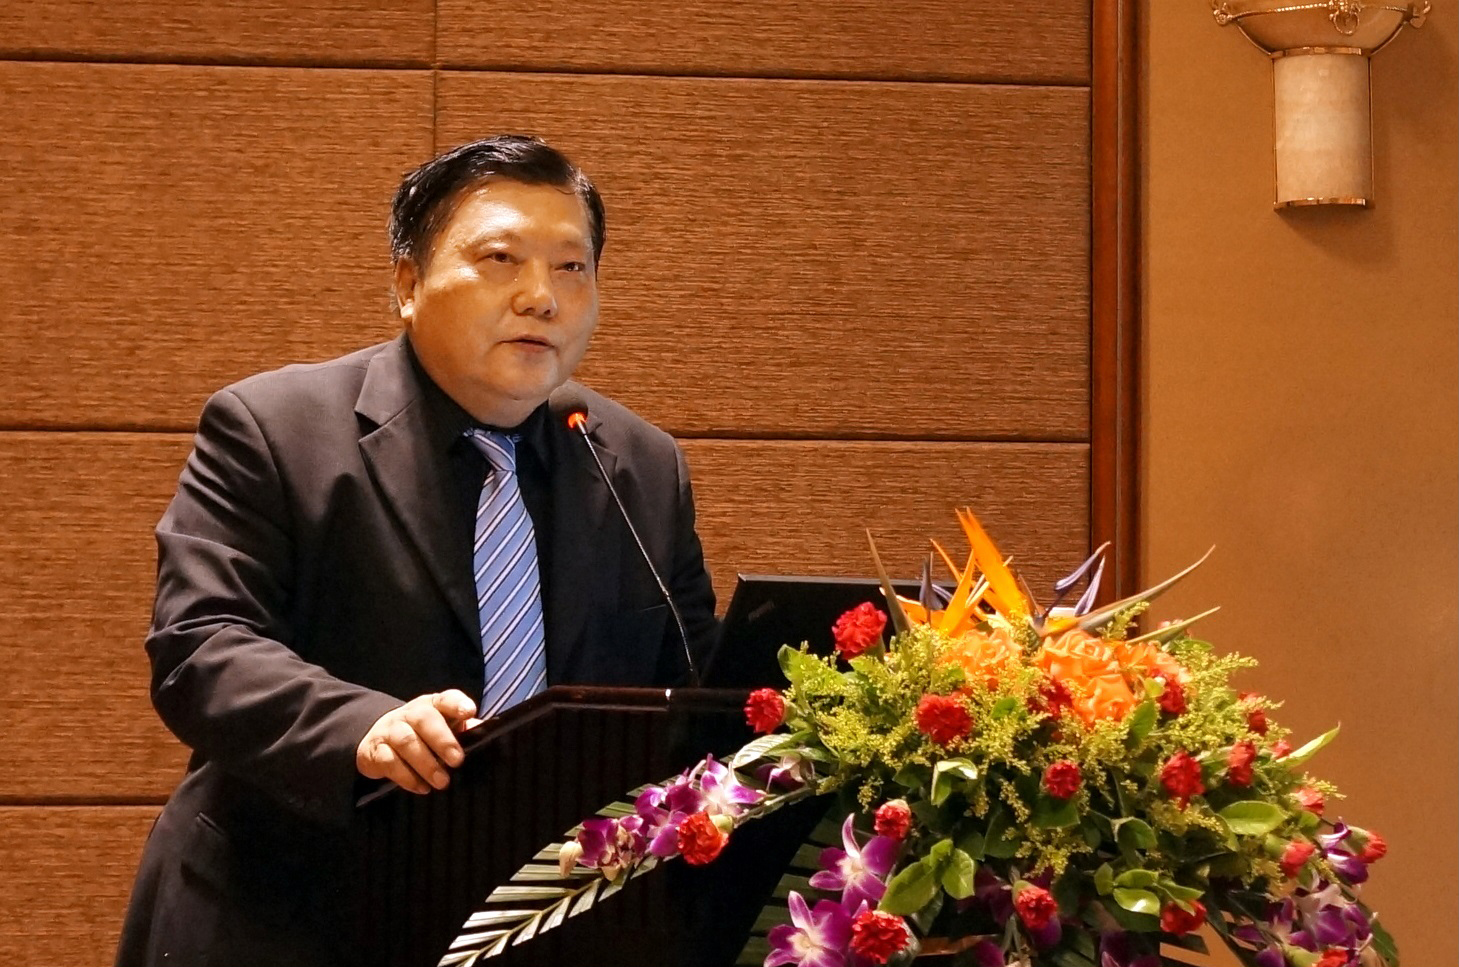 对话中国工程院院士吴锋,发展动力电池需两手抓